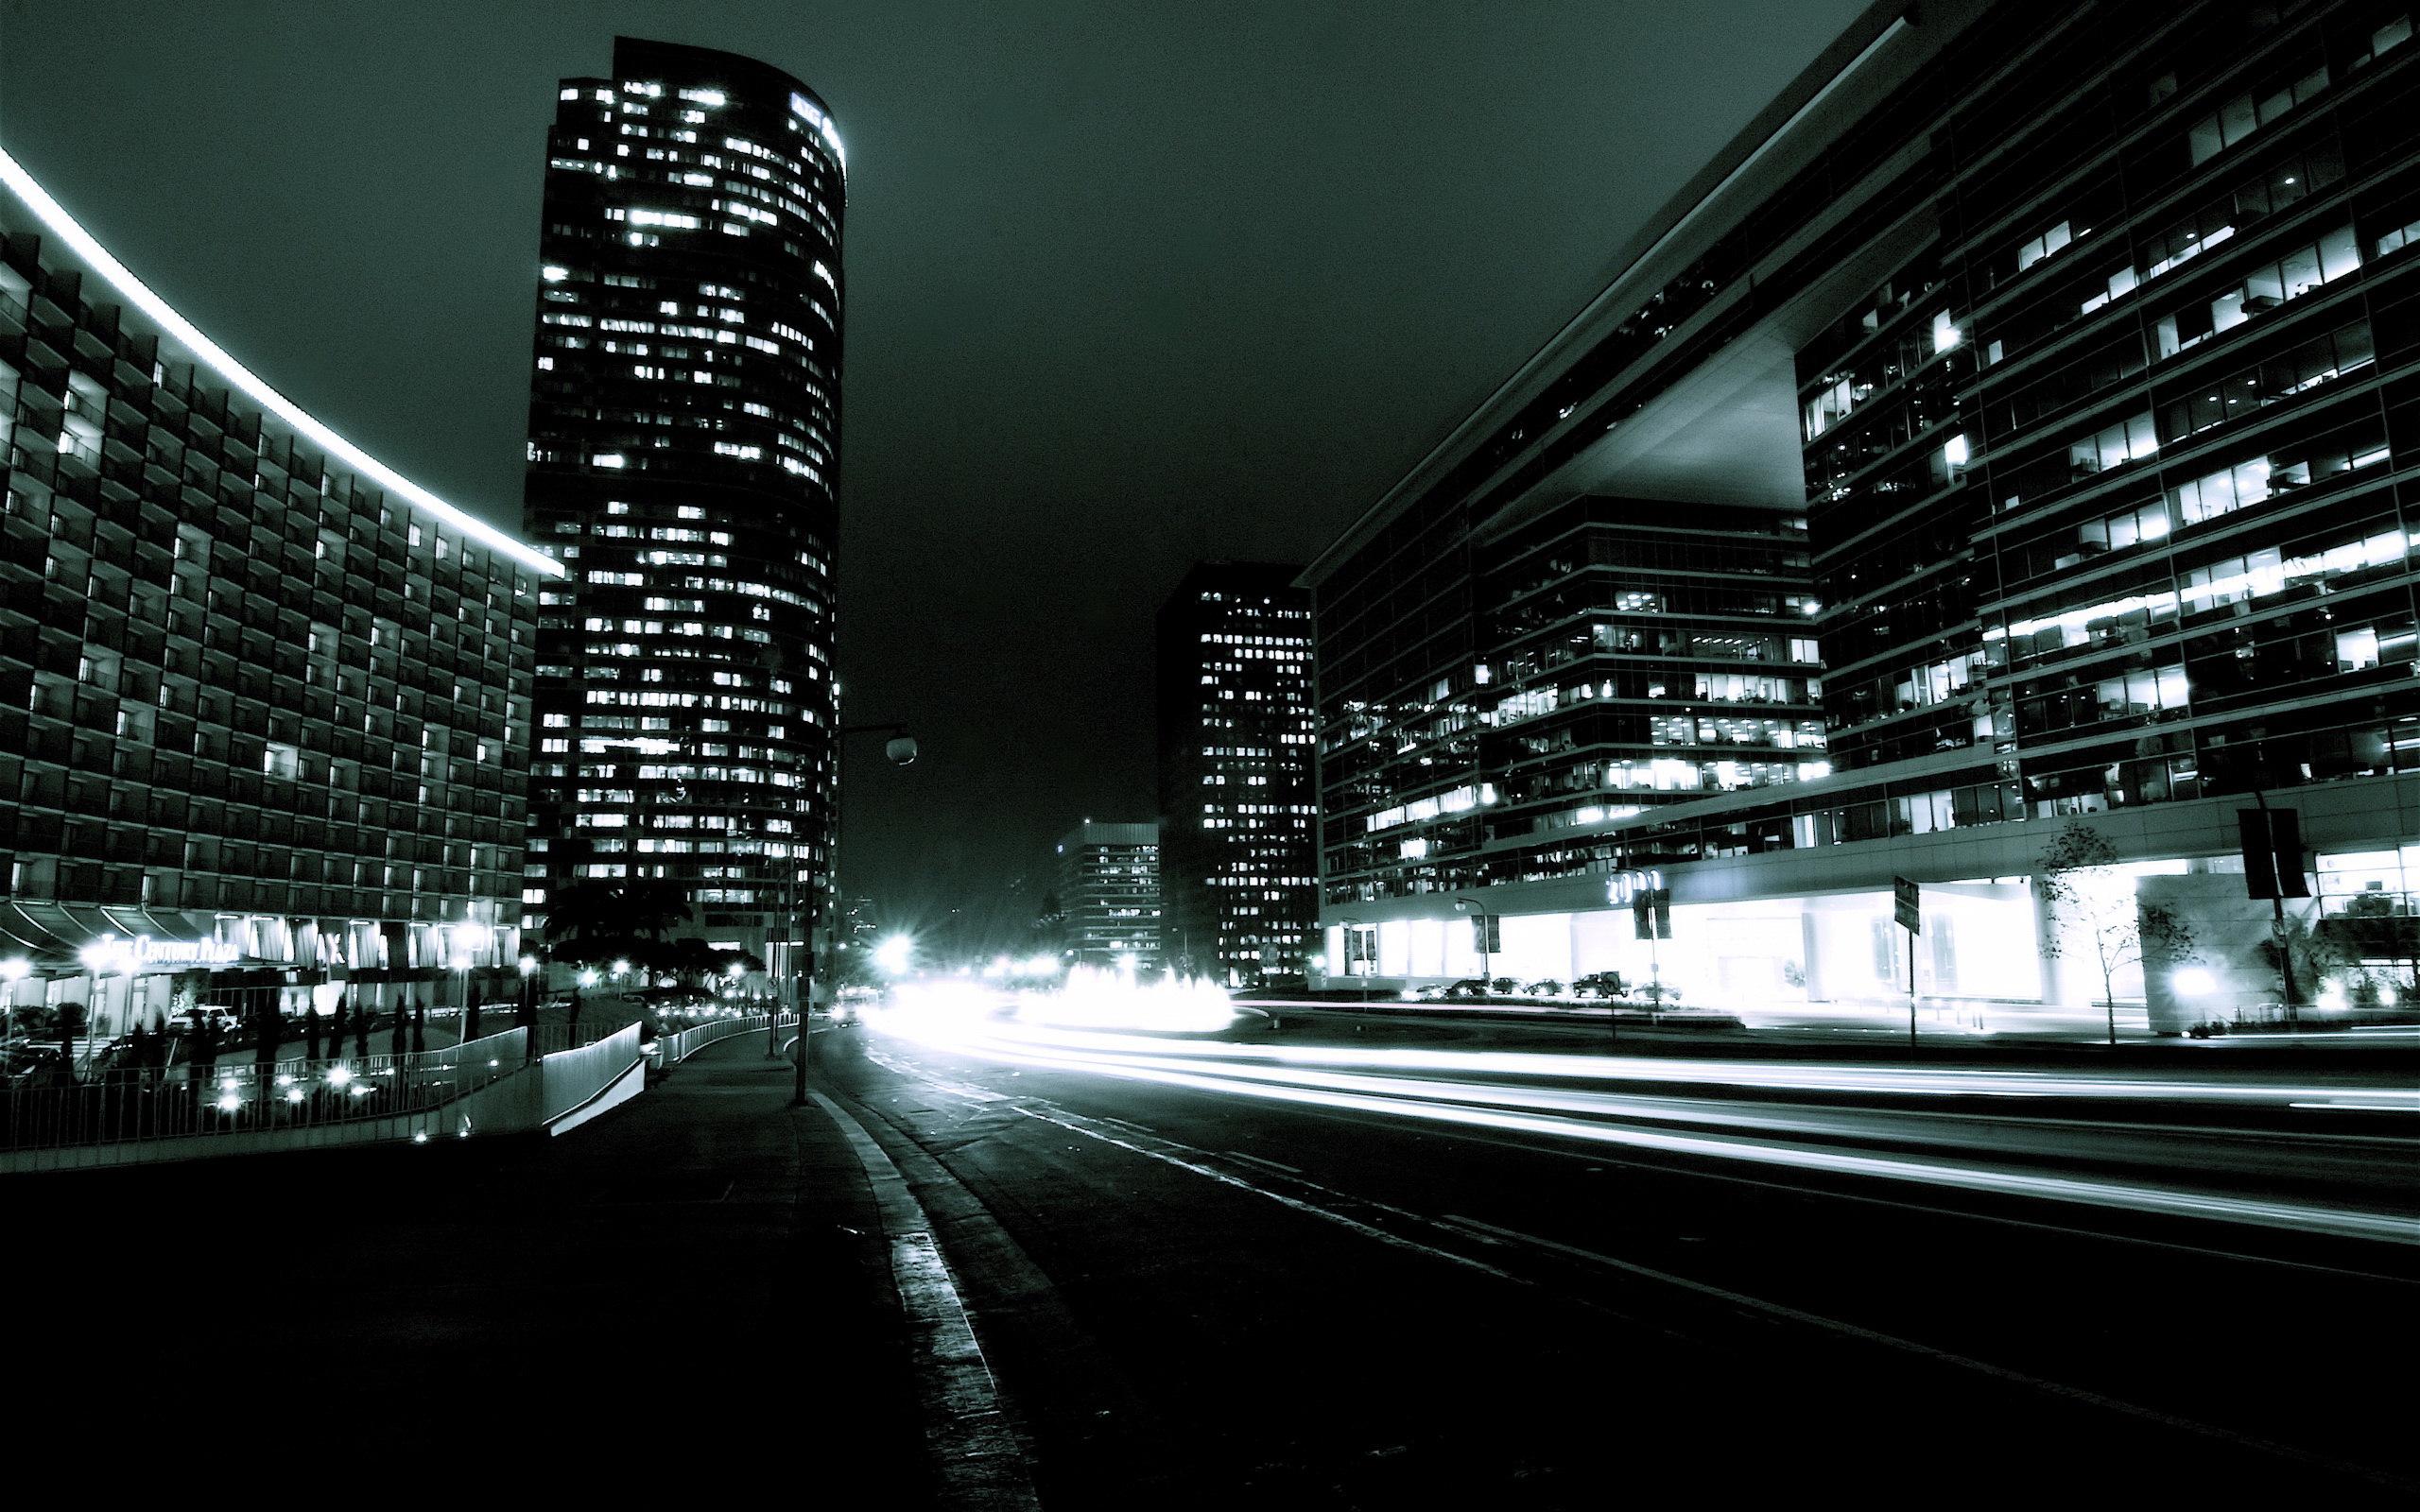 Night City Traffic desktop wallpaper 2560x1600